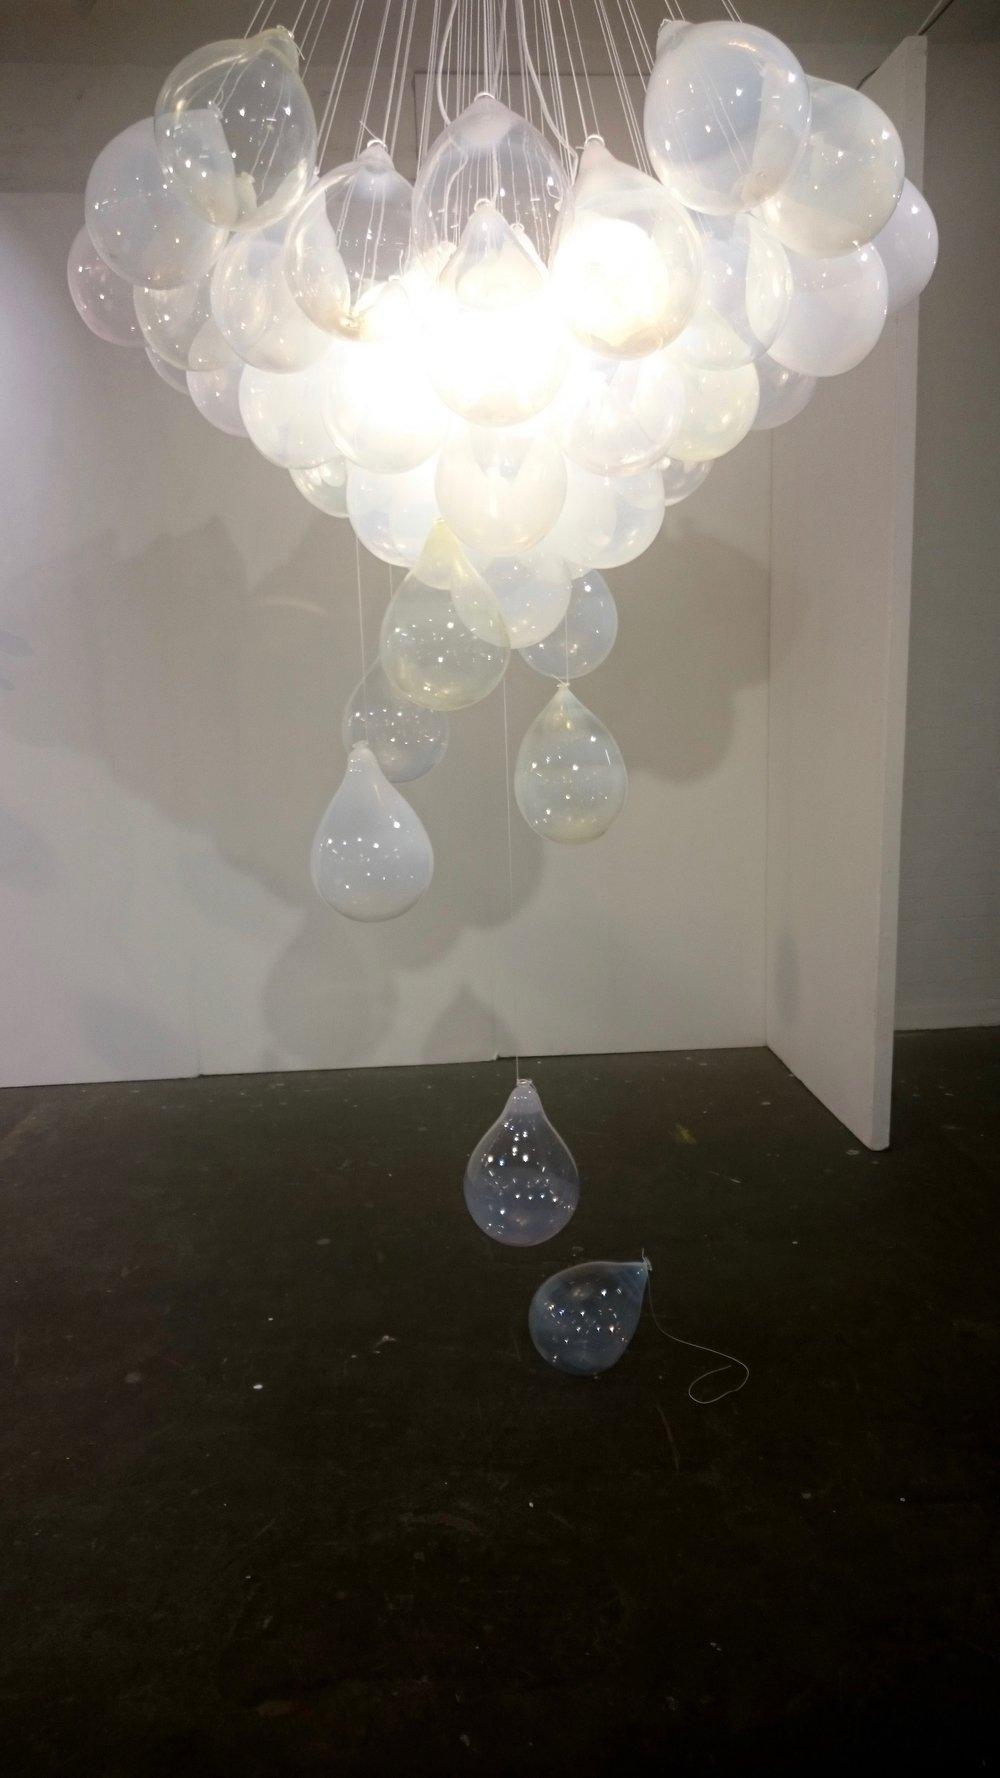 Matteo Gonet Glassworks Balloon Chandelier at London Design Festival 2016.jpg